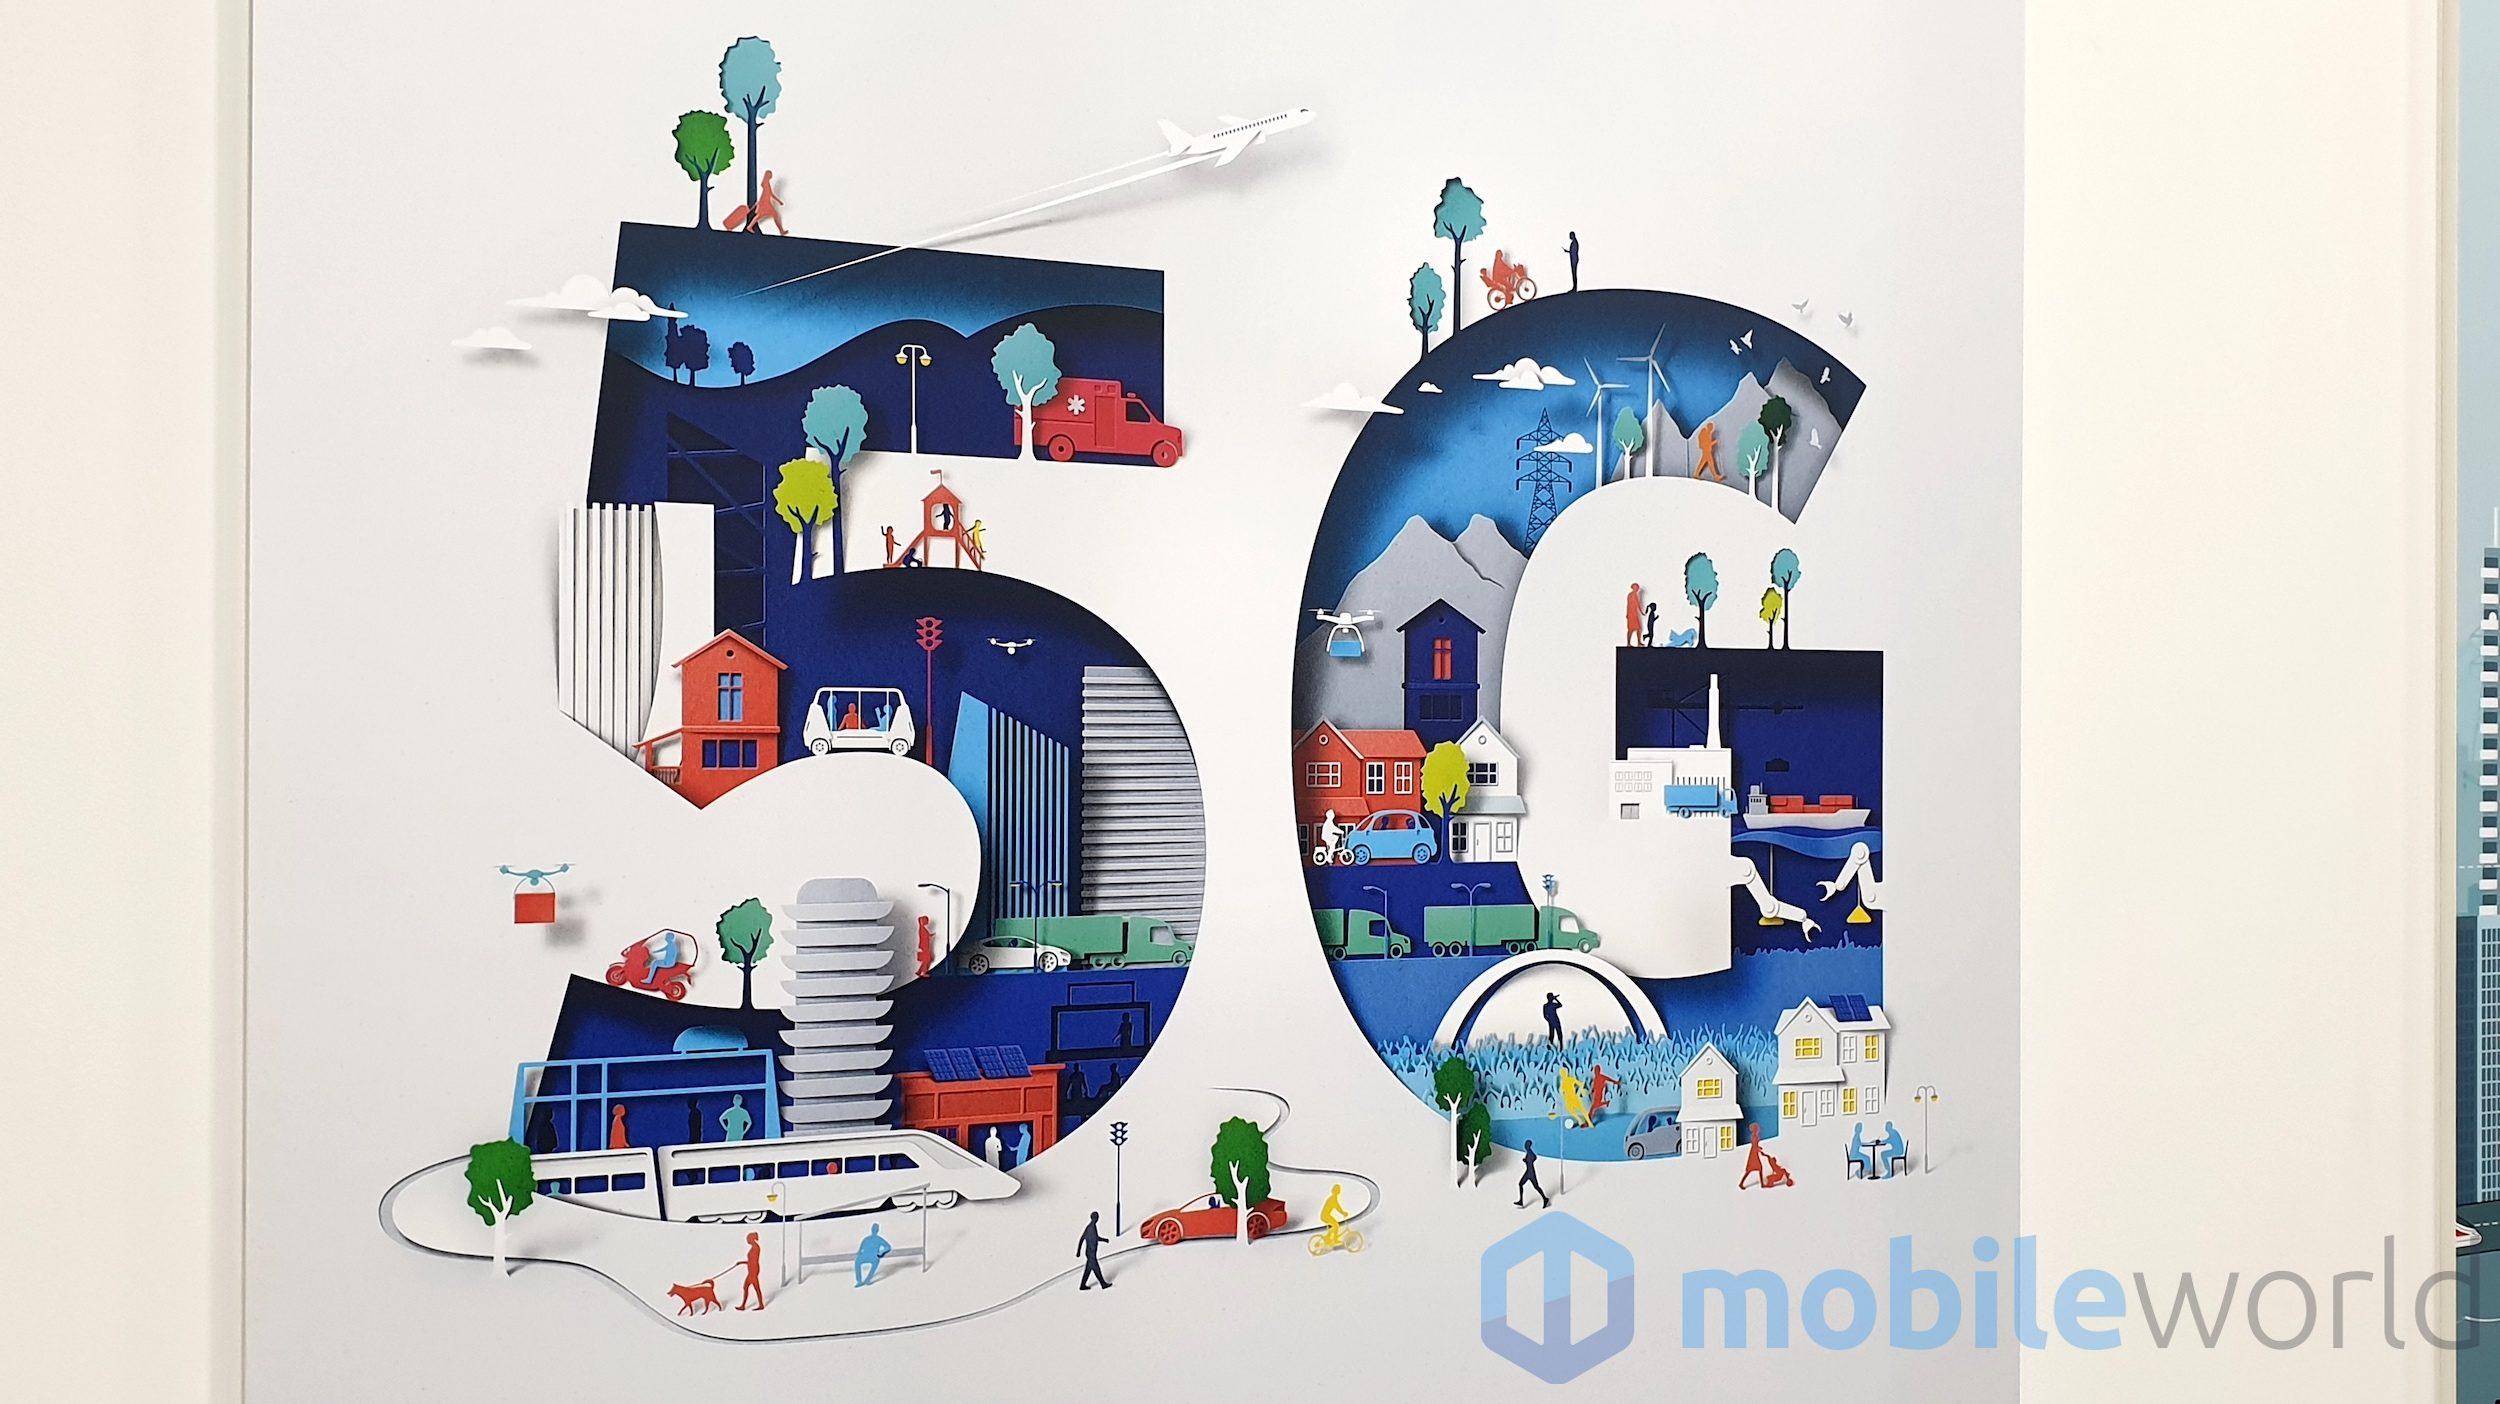 Il 5G ha vinto la battaglia per il futuro della mobilità smart nell'Unione Europea